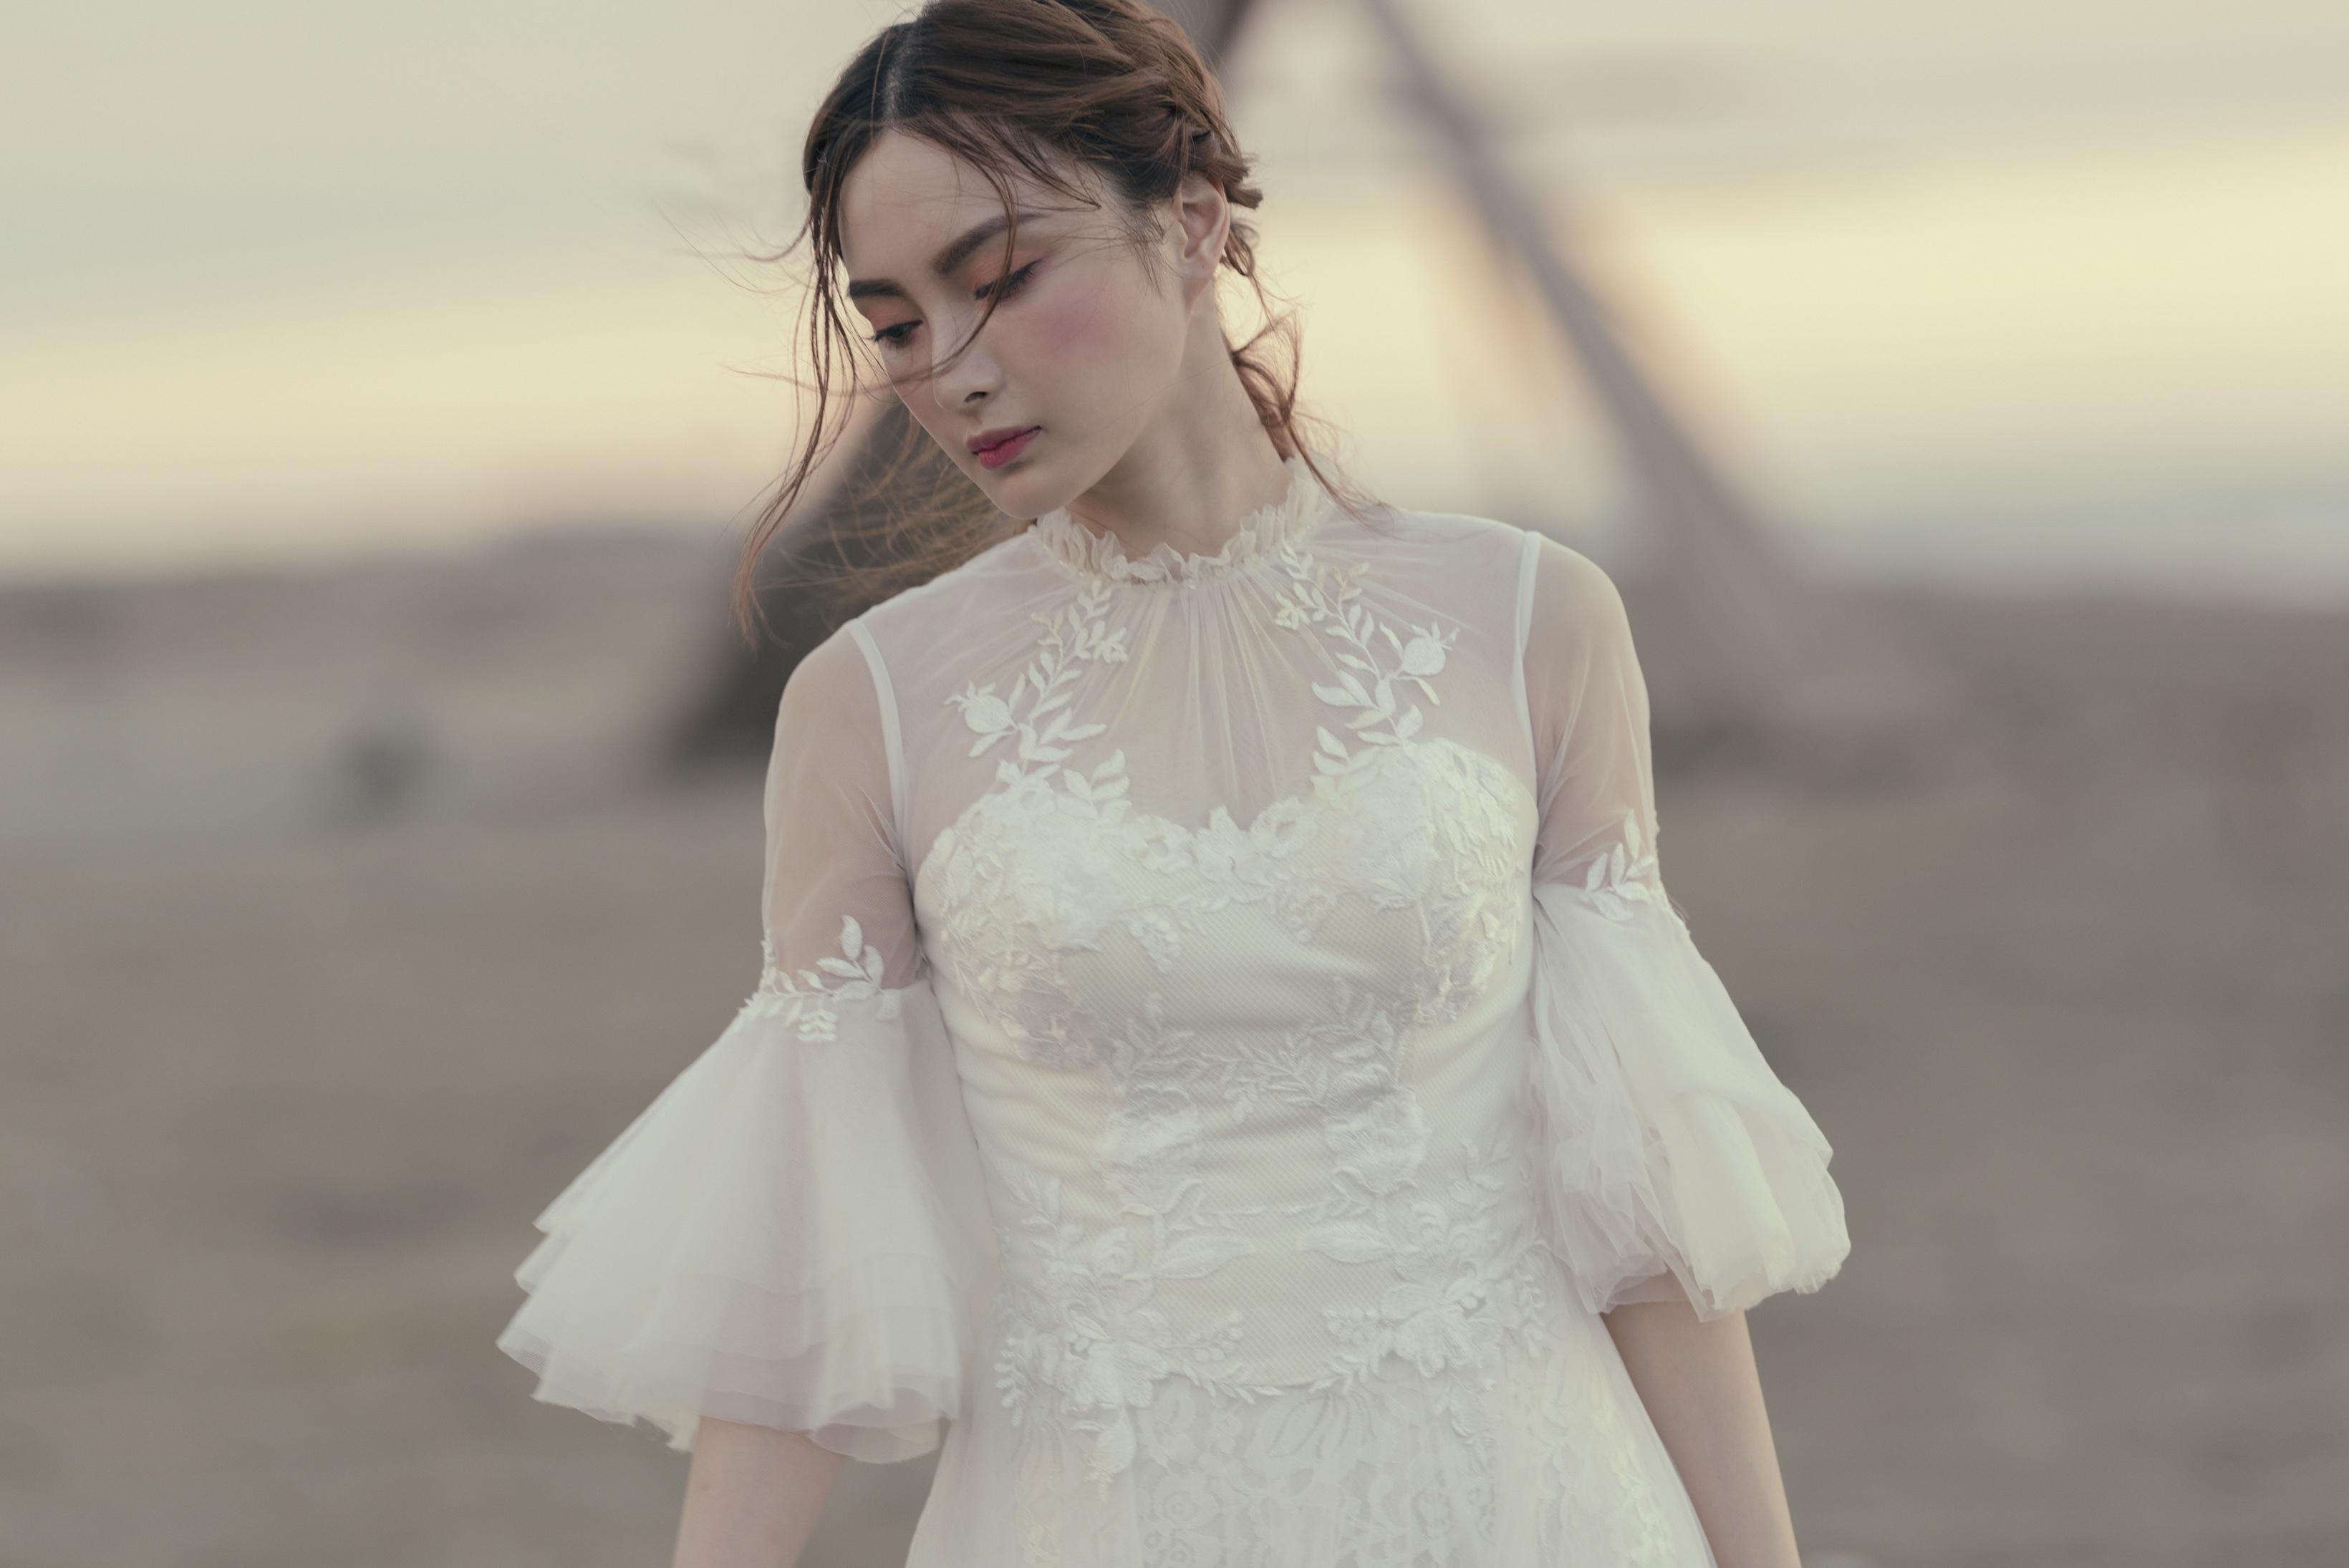 VVNFS團隊創作白紗新娘造型27